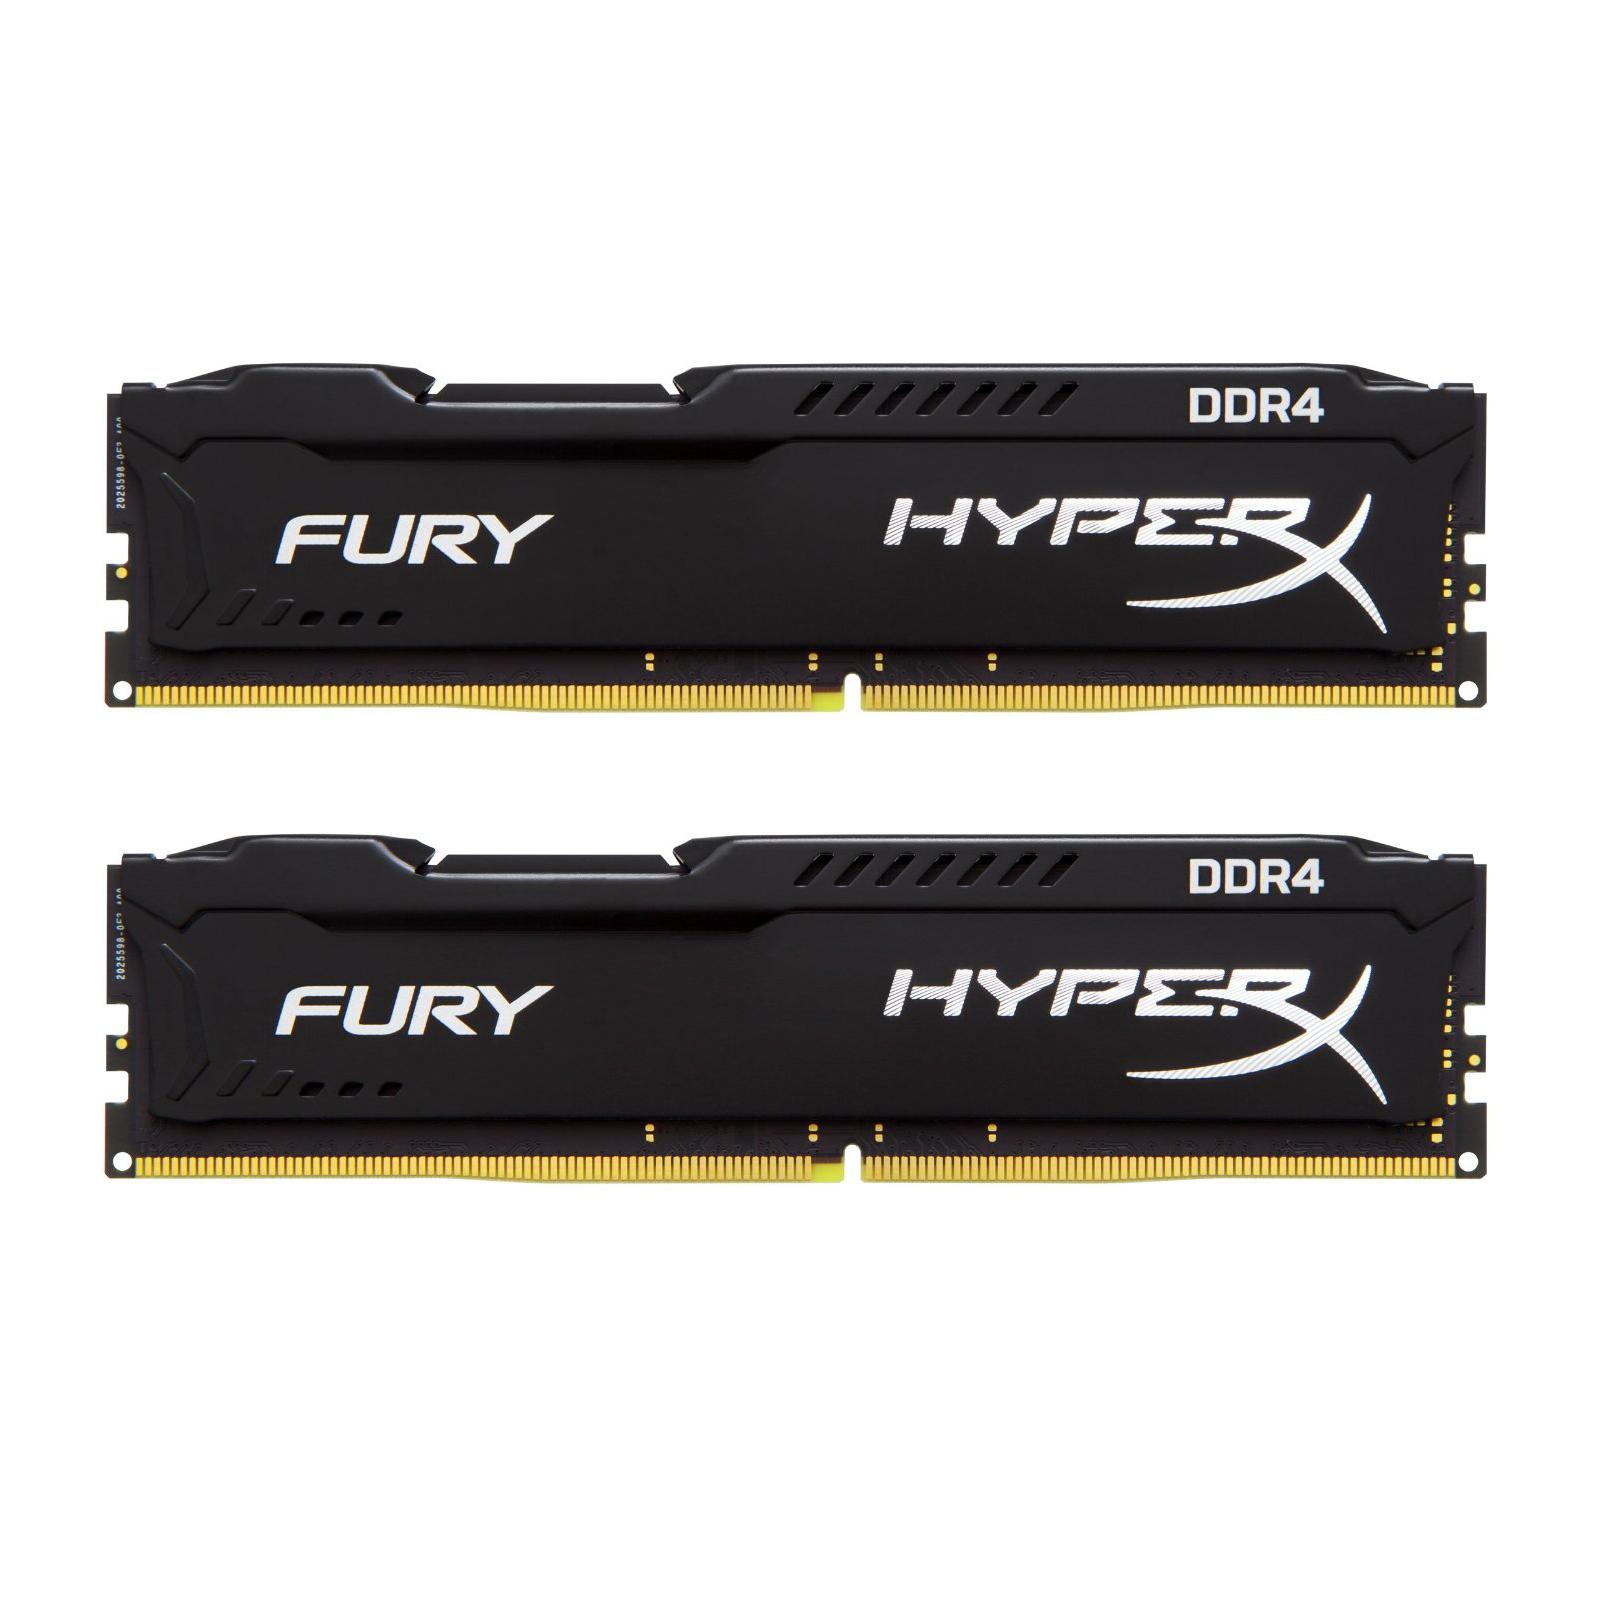 Модуль памяти для компьютера DDR4 32GB (2x16GB) 2400 MHz HyperX FURY Black Kingston (HX424C15FBK2/32)